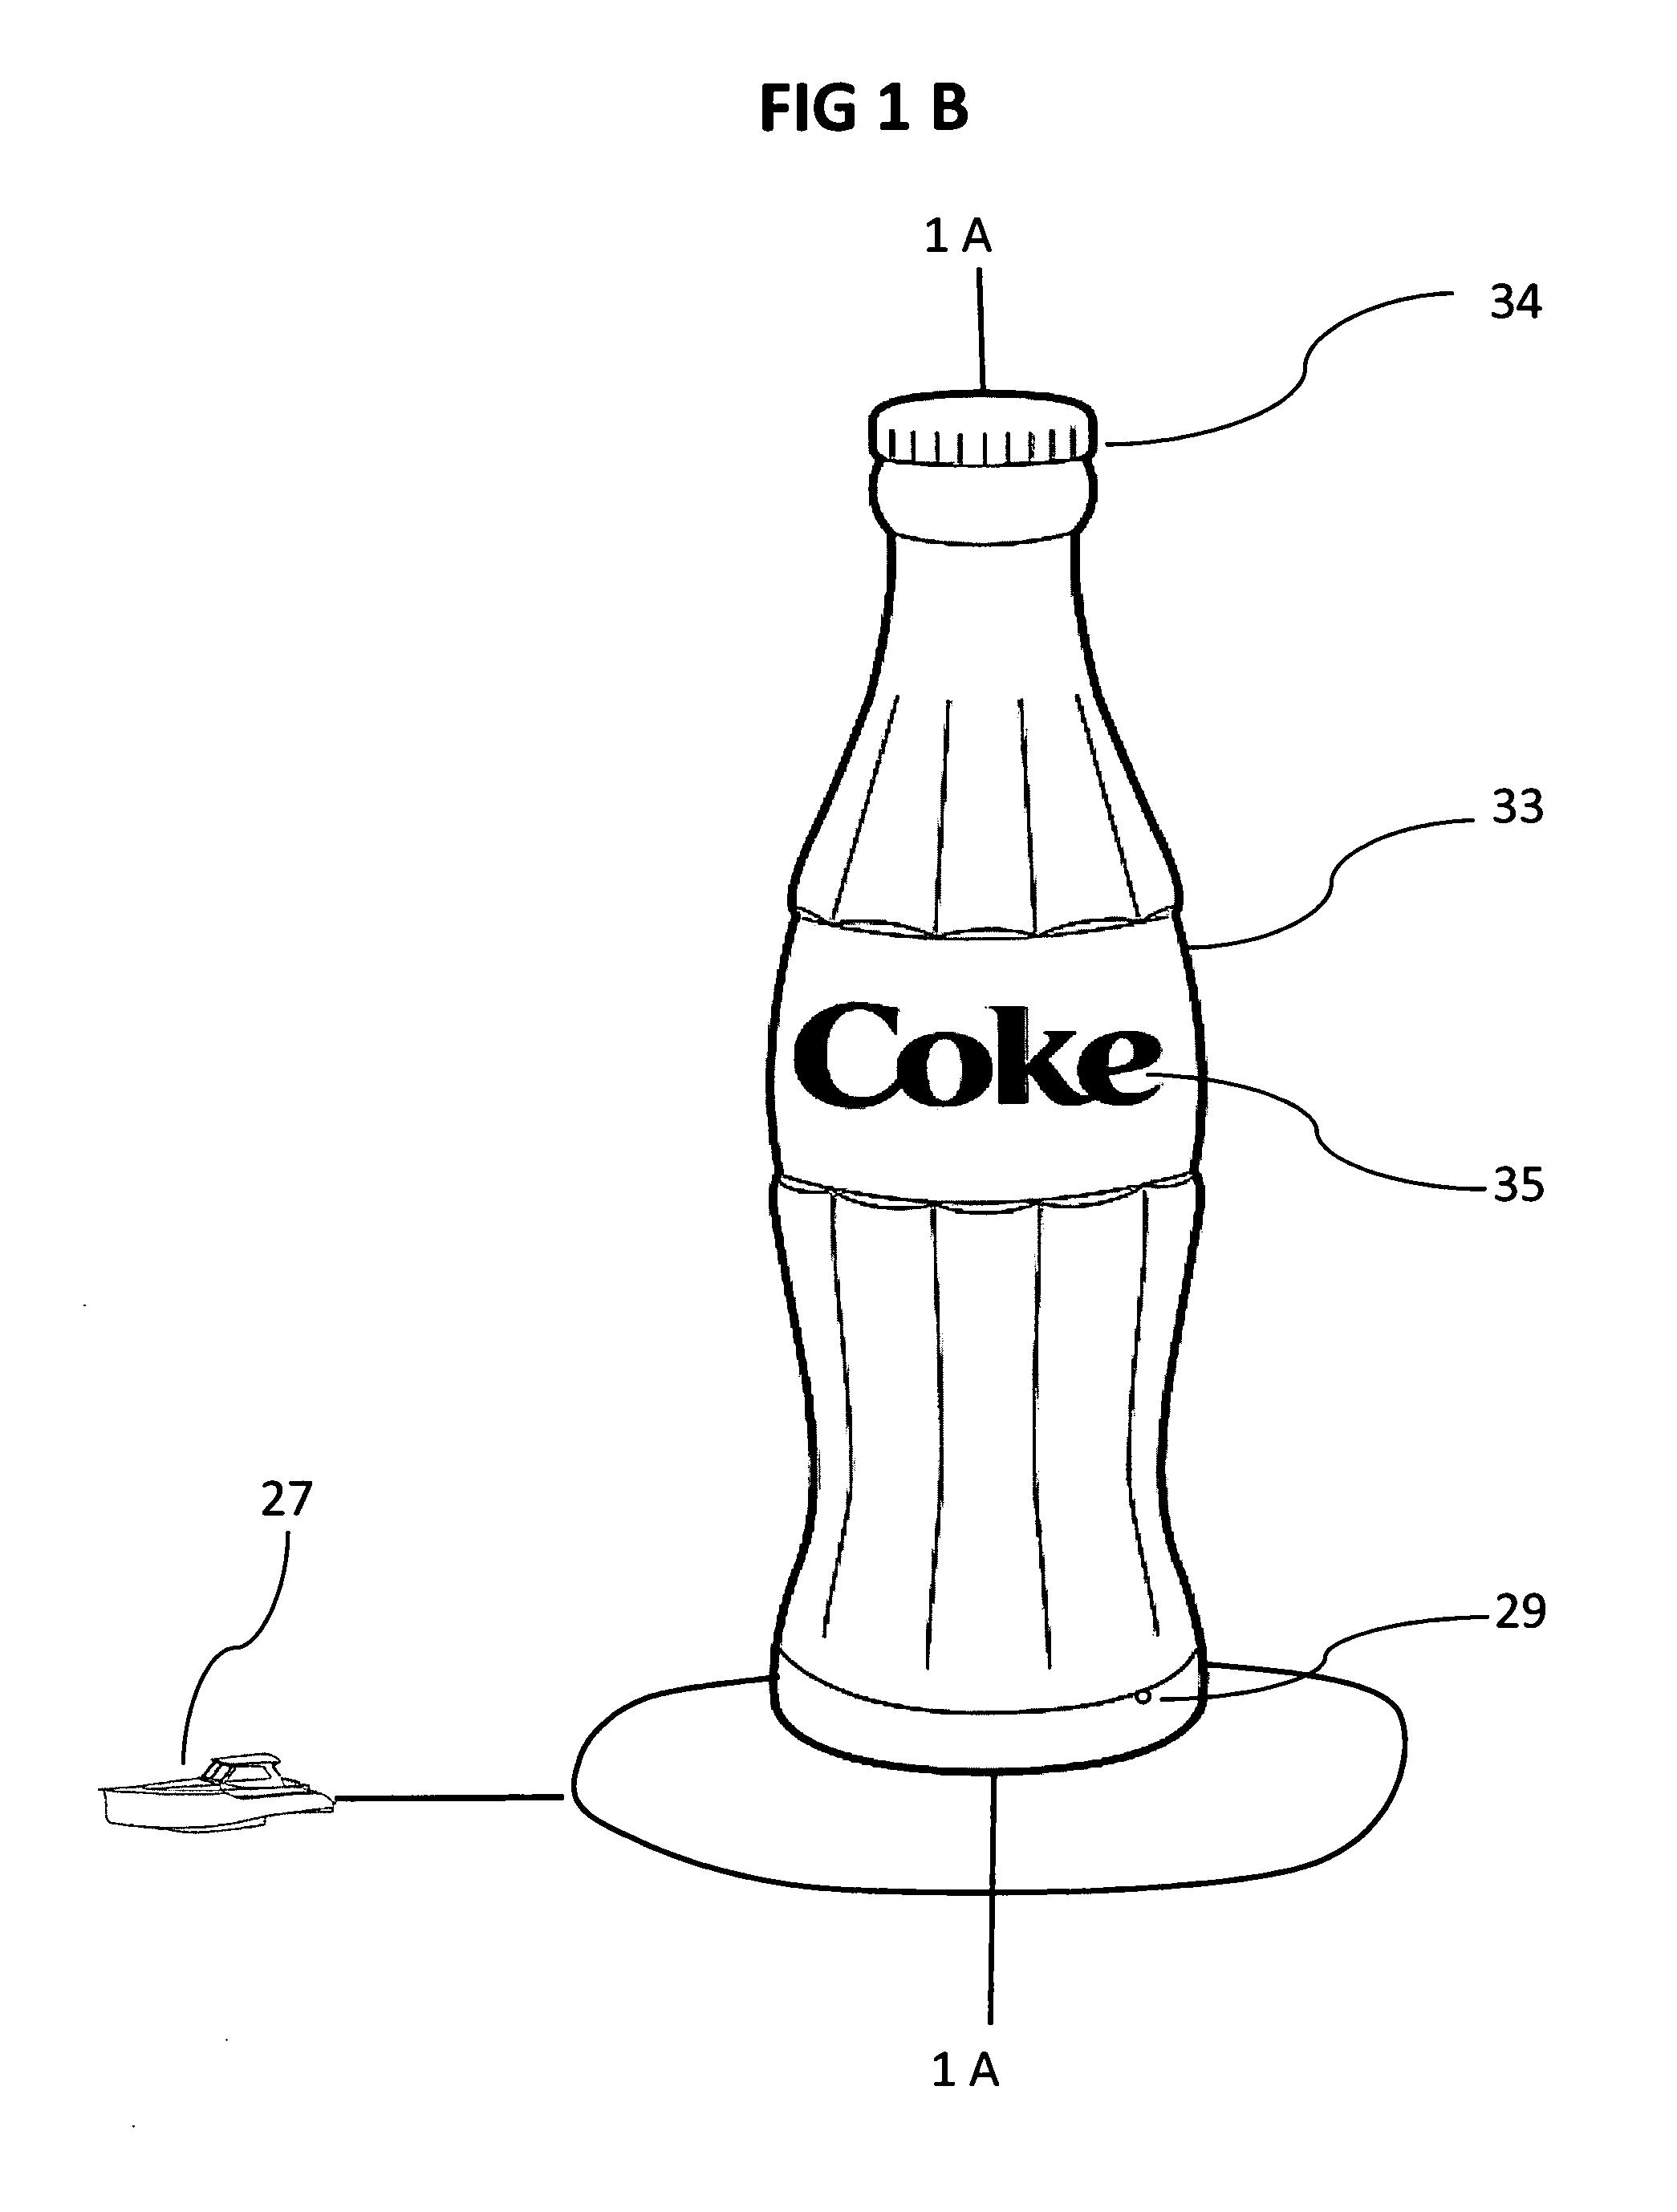 Original Coke Bottle Google Search Colorful Drawings Coke Bottle Art